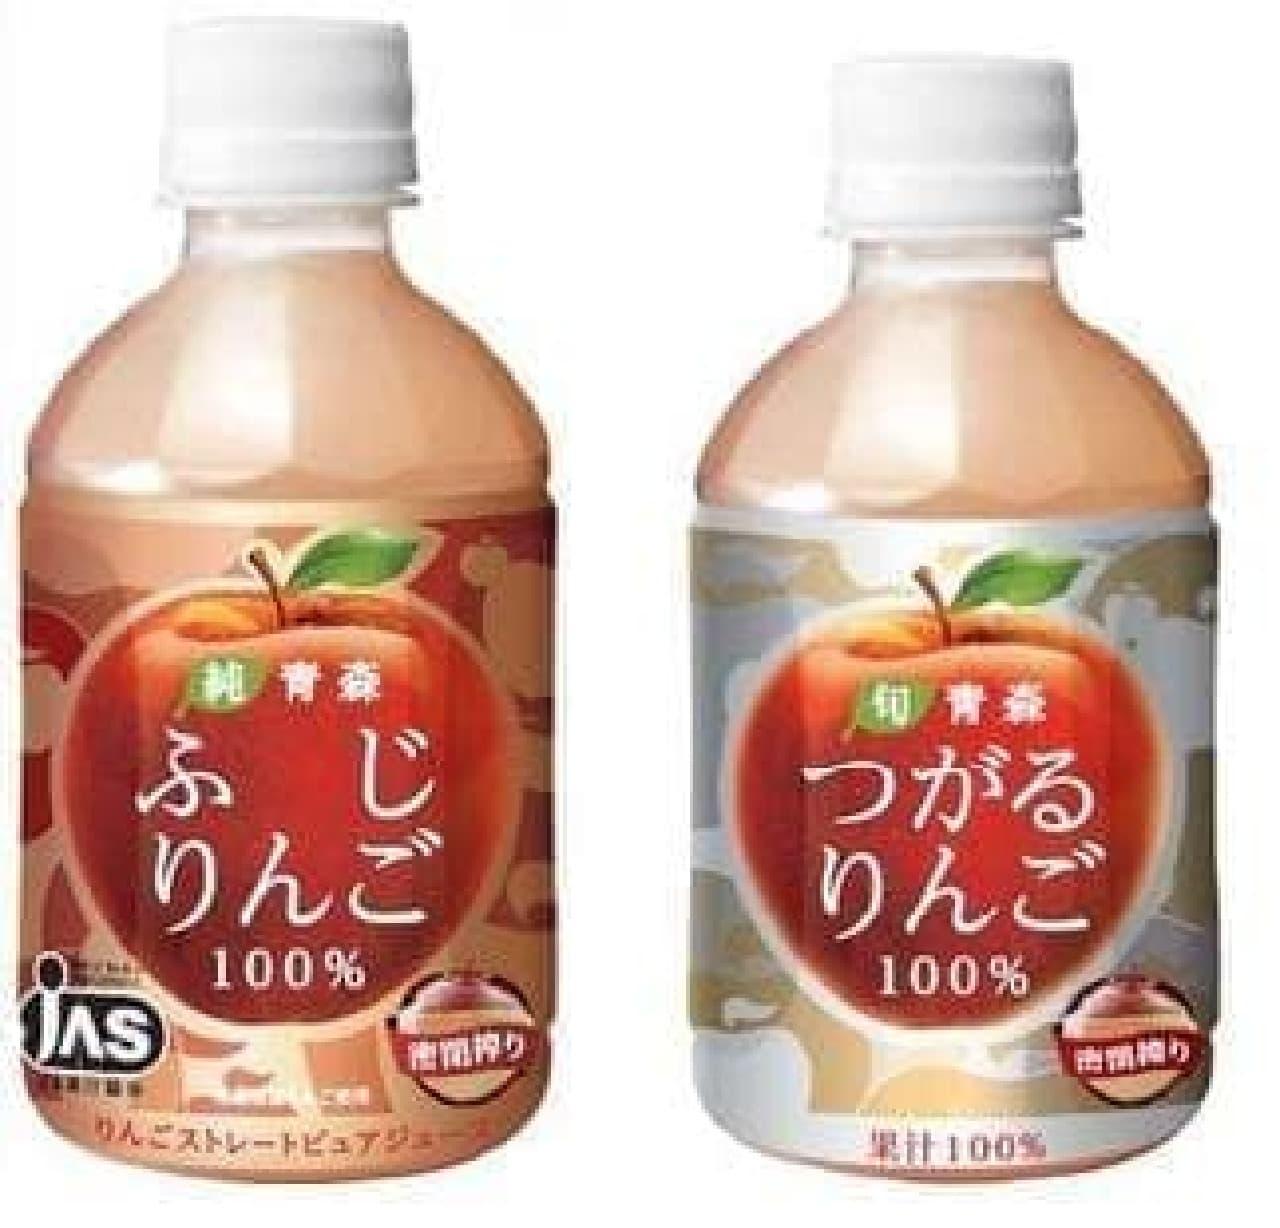 エキナカ限定!青森県産の「ふじ」「つがる」を使った100%ジュース2種が発売